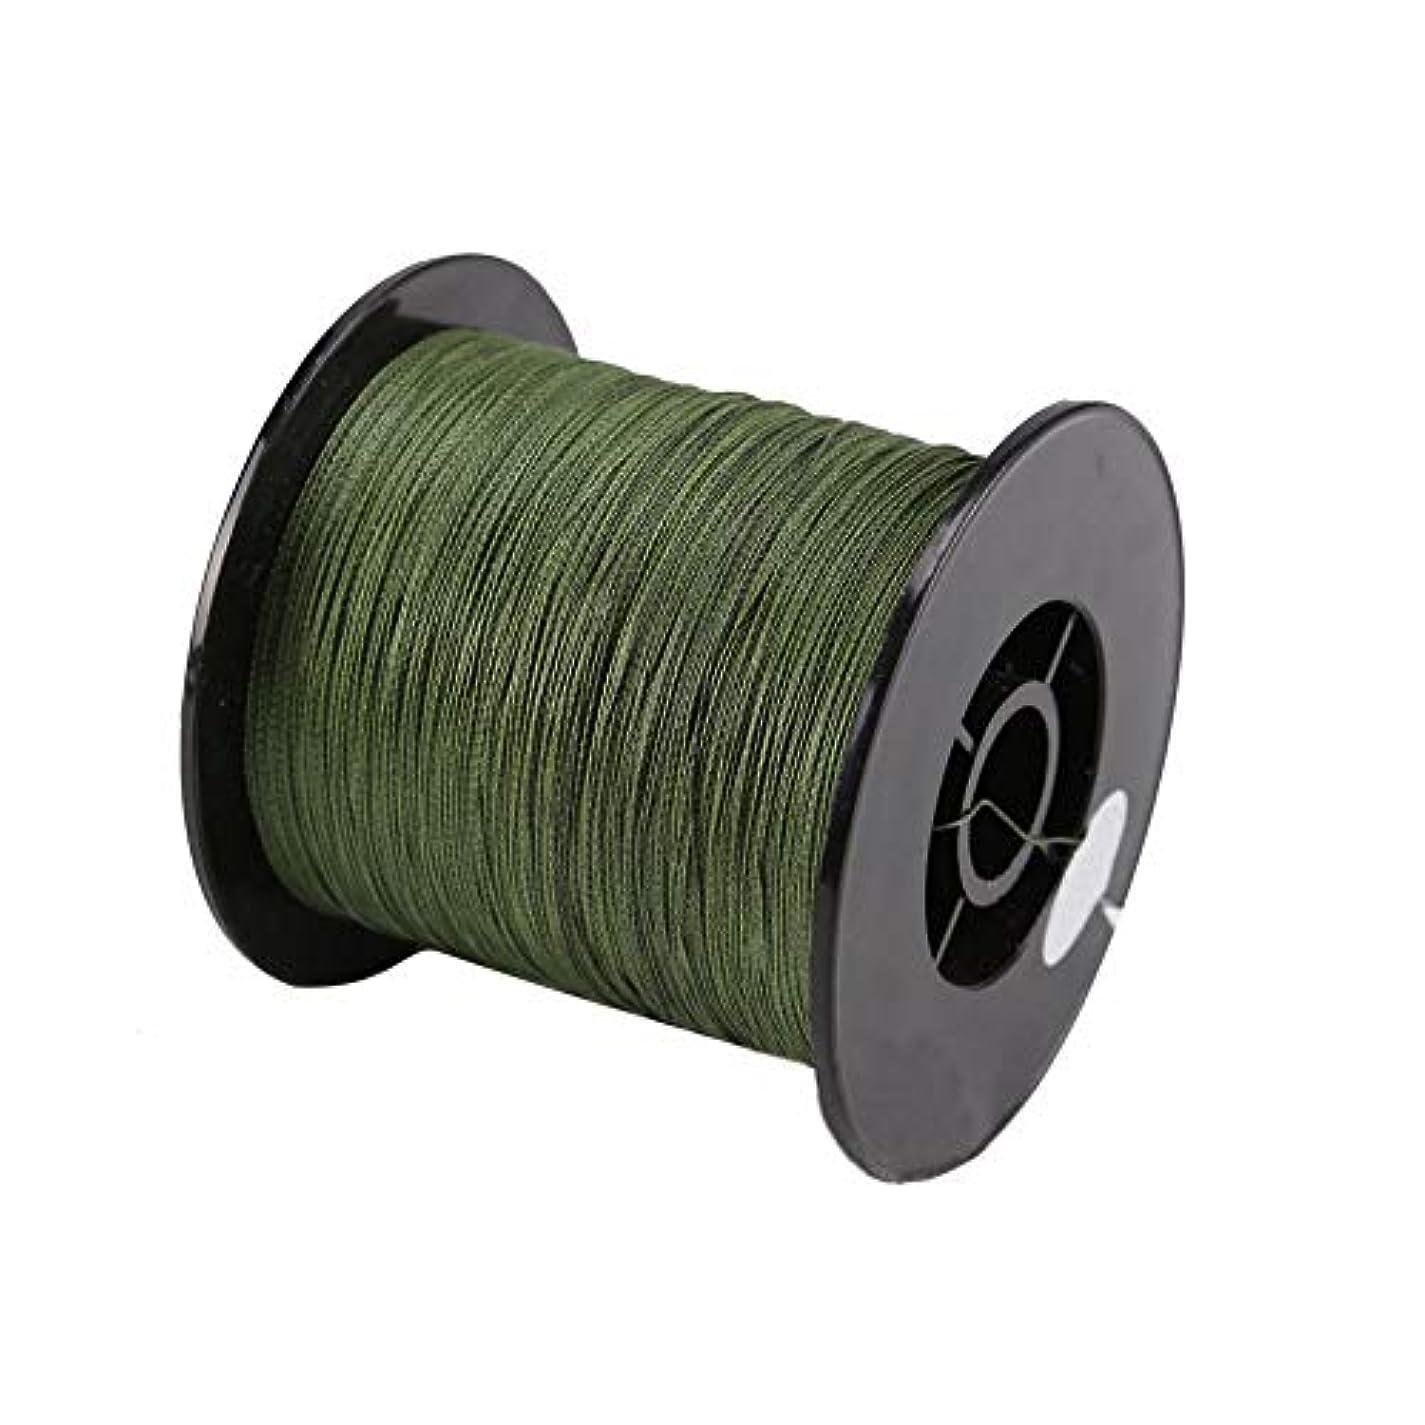 コンプリートソロジャズPE釣り糸 4編 プロフィッシングライン 500M 30-100LB 高強度 高感度 高耐久 頑丈 防水 軽量 湖海釣り専用 グリーン 釣り糸